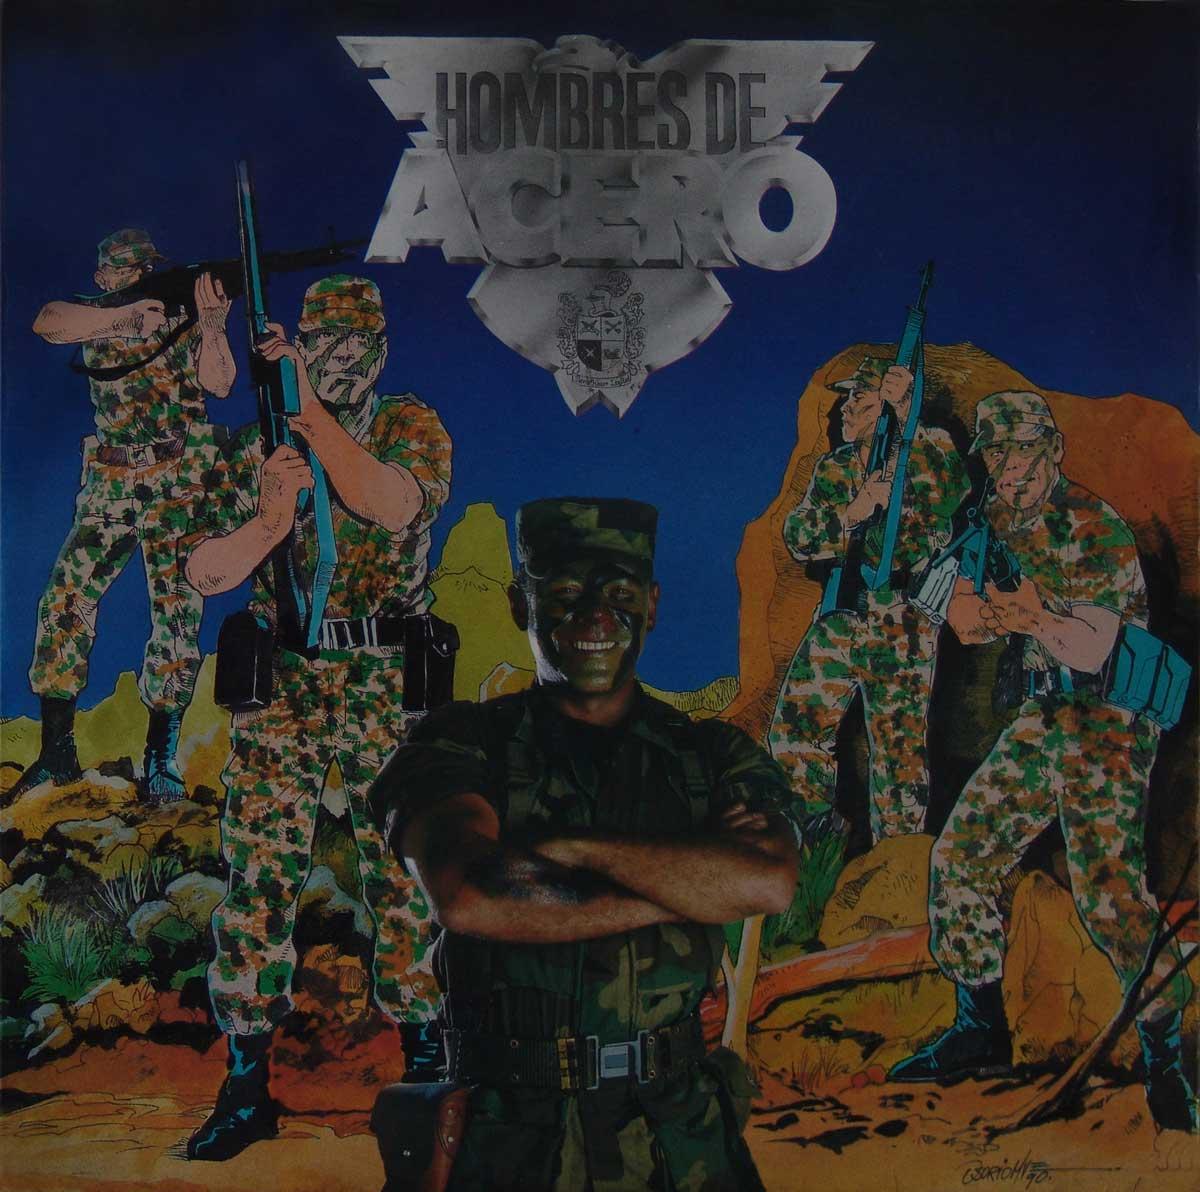 Cuarta brigada de Medellín Hombres de acero, 1992. Sin datos sobre sello discográfico, Vinilo 33 RPM